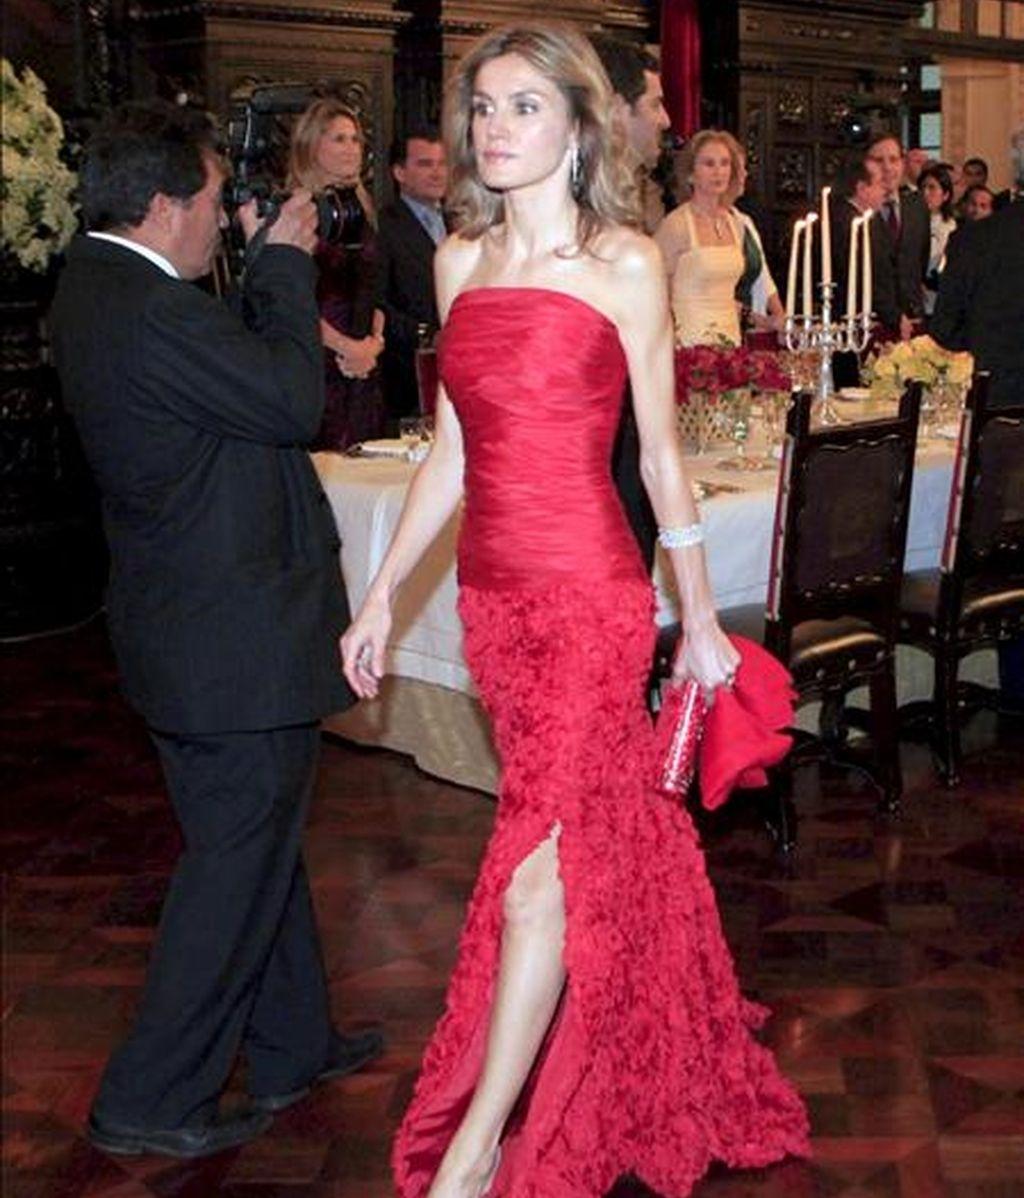 La Princesa de Asturias, doña Letizia, a su llegada a la cena de gala ofrecida por el presidente de Perú, Alan Garcia (d), en el Placio de Gobierno en Lima, el pasado 24 de noviembre. EFE/Archivo